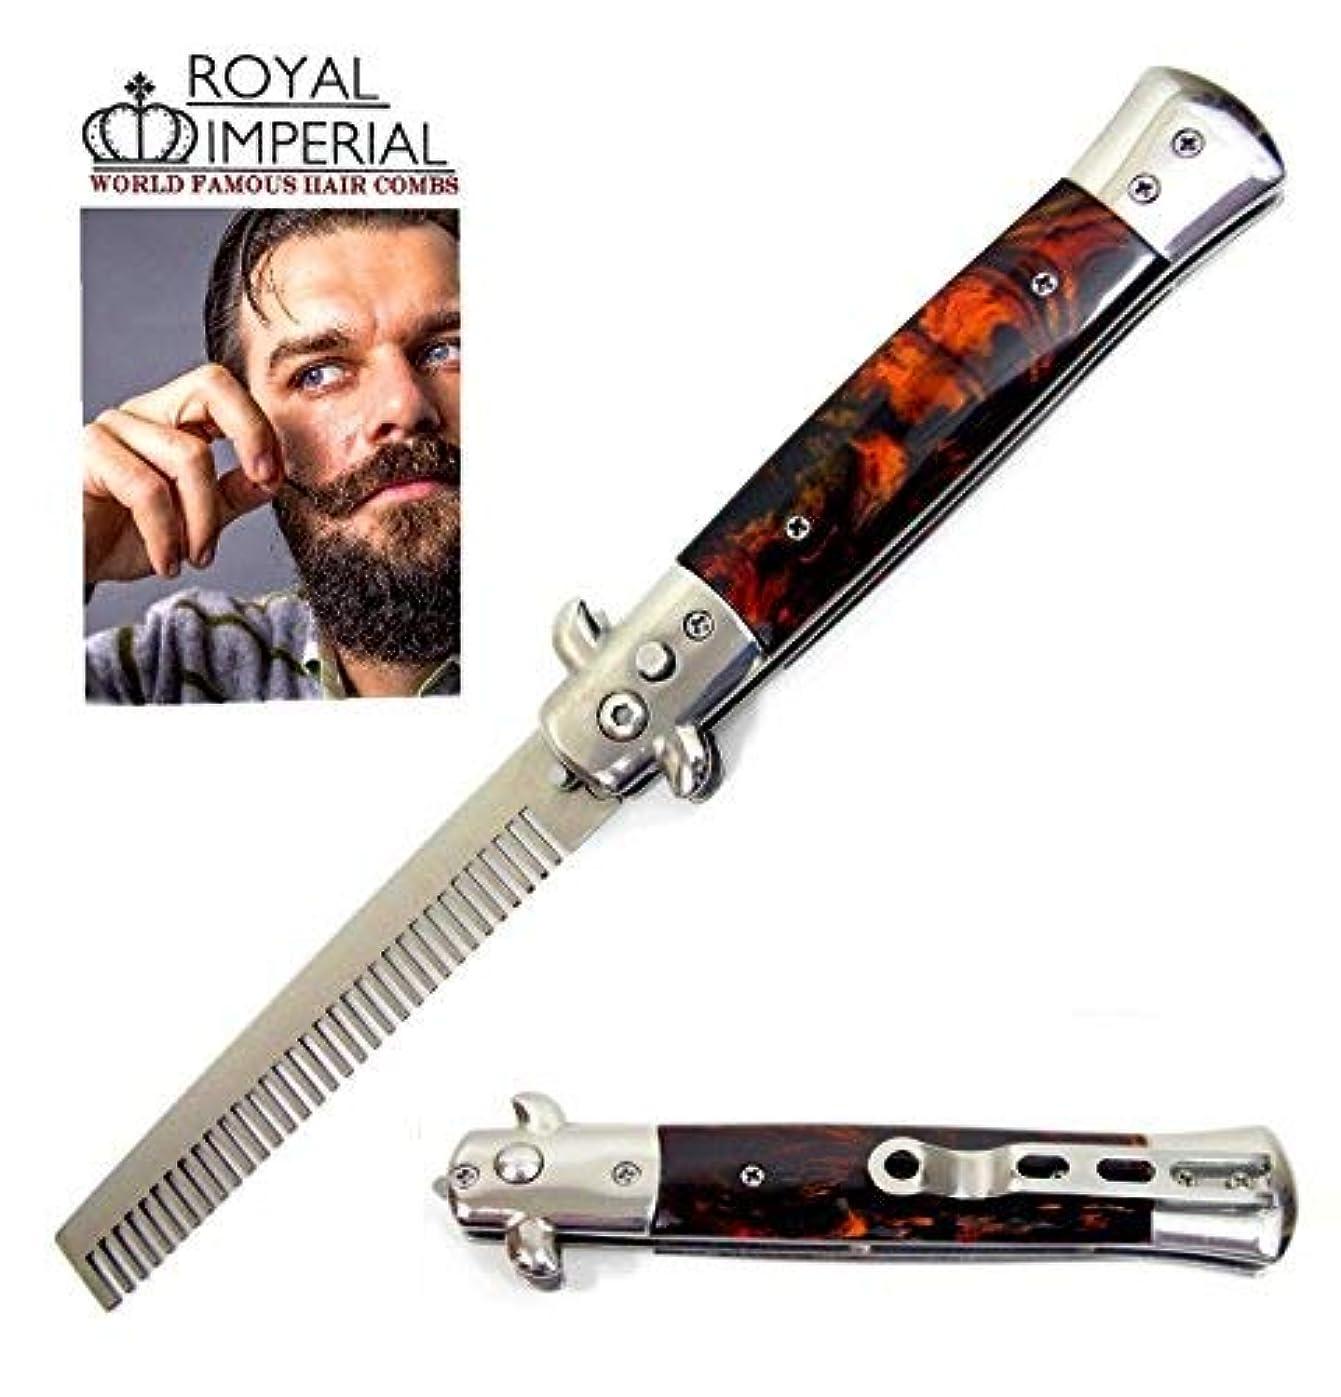 凍った避けられない捨てるRoyal Imperial Metal Switchblade Pocket Folding Flick Hair Comb For Beard, Mustache, Head TORTOISE SHELL FIRE...